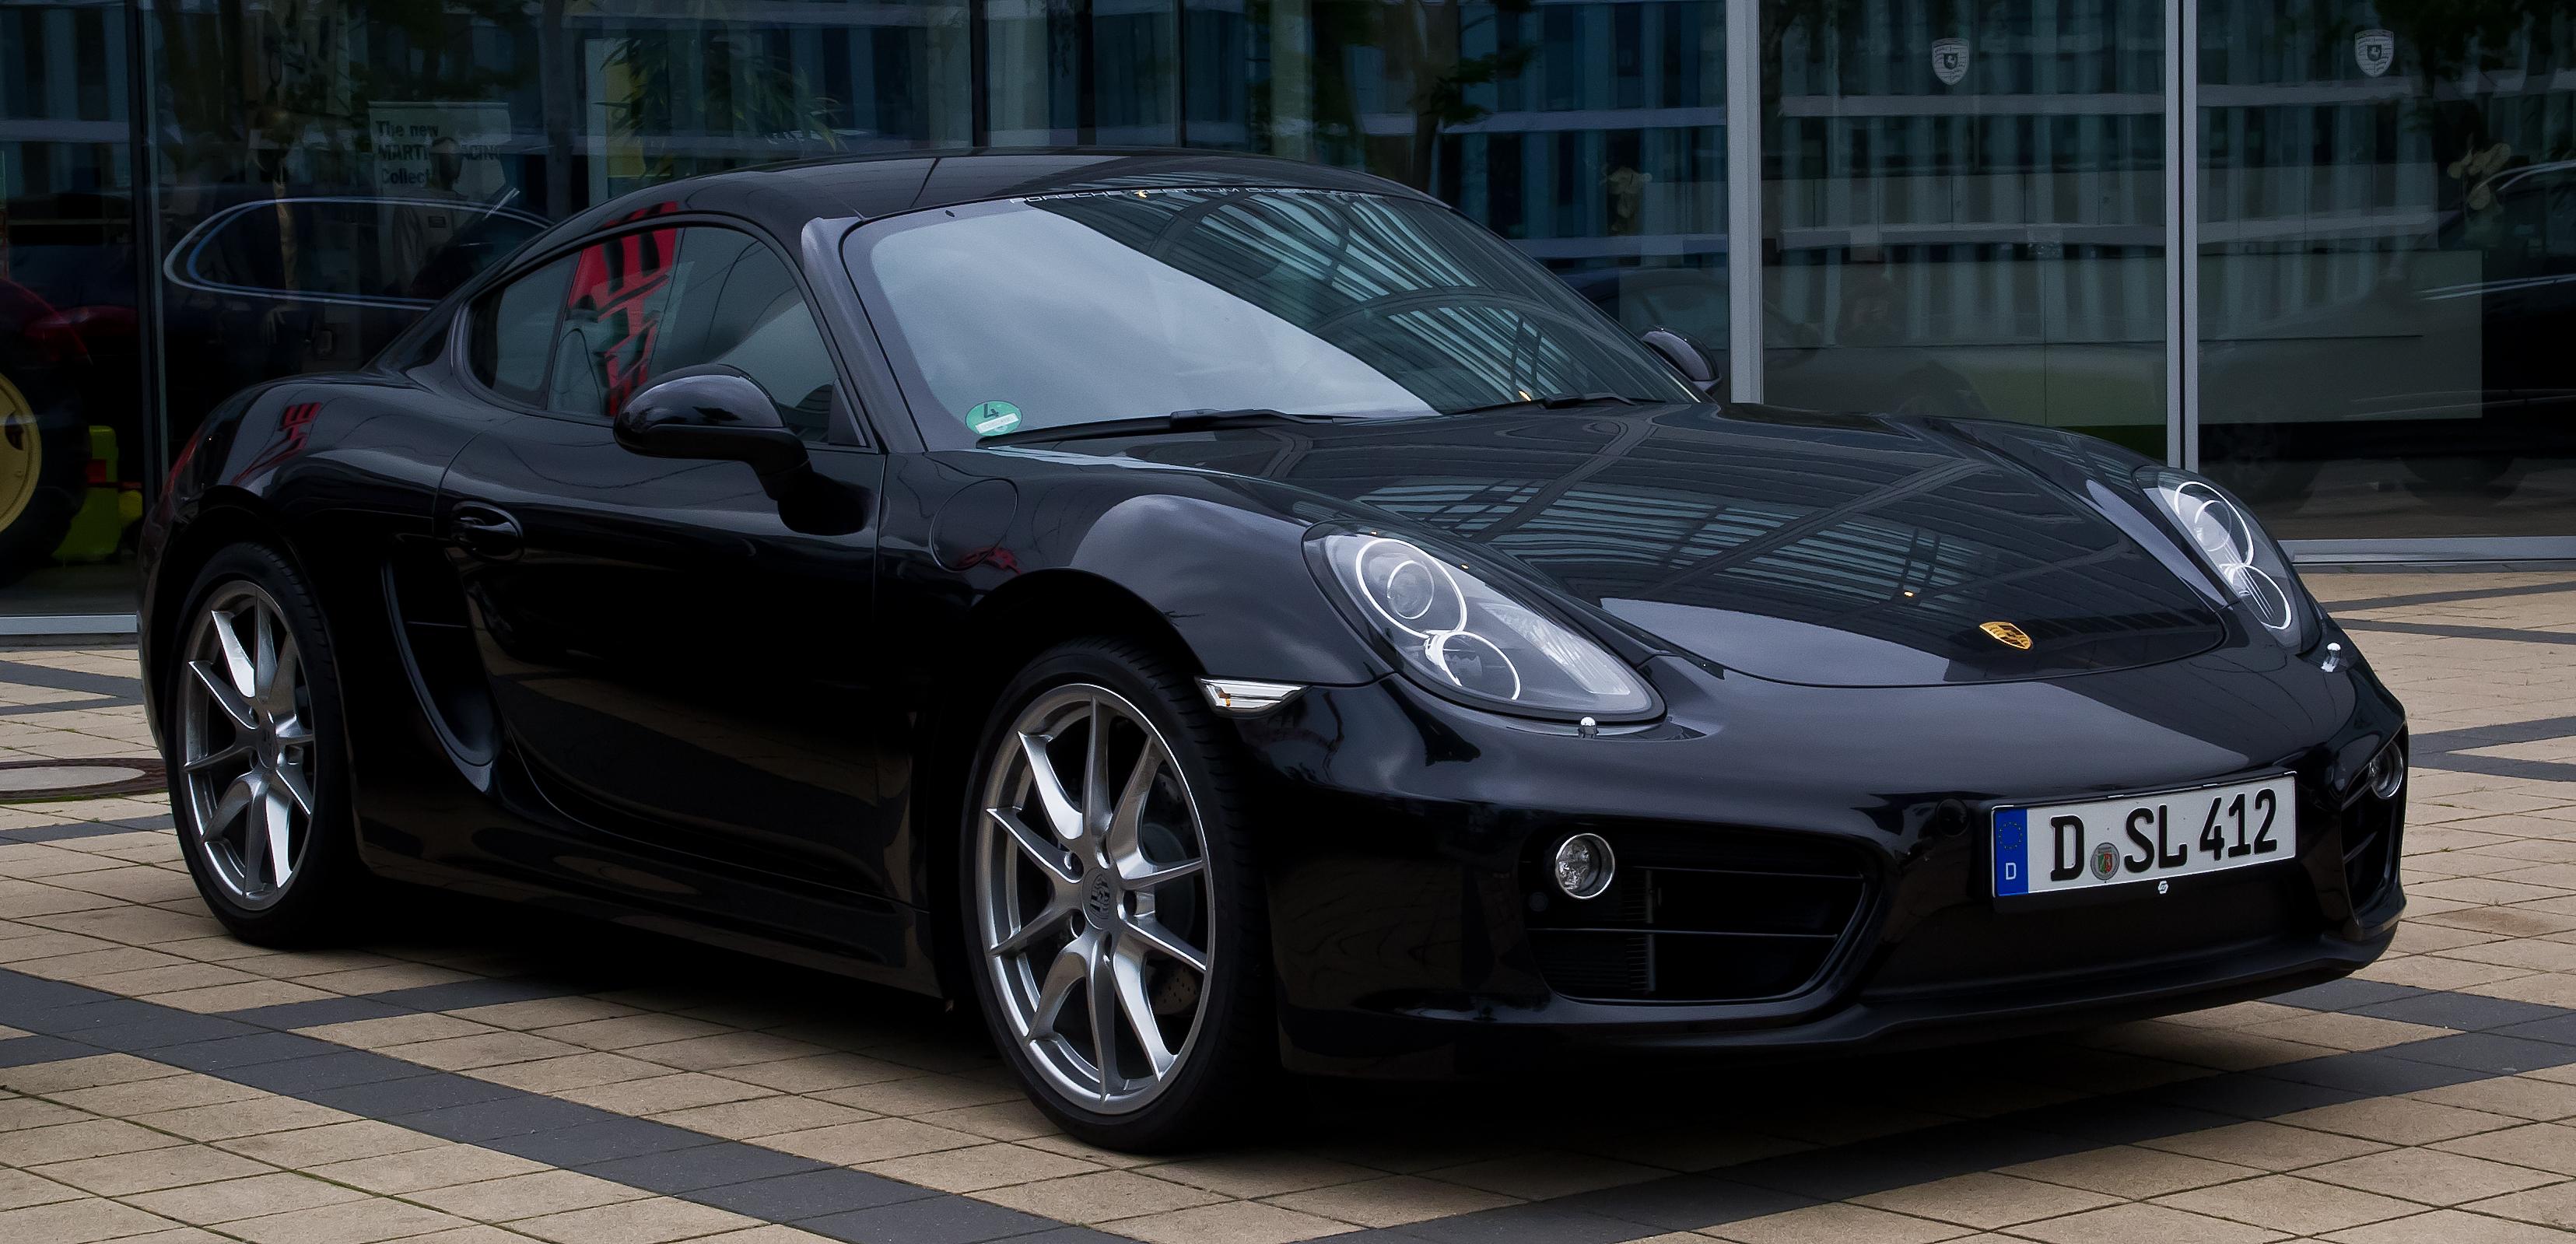 File:Porsche Cayman (II) – Frontansicht, 1. Juni 2013 ...